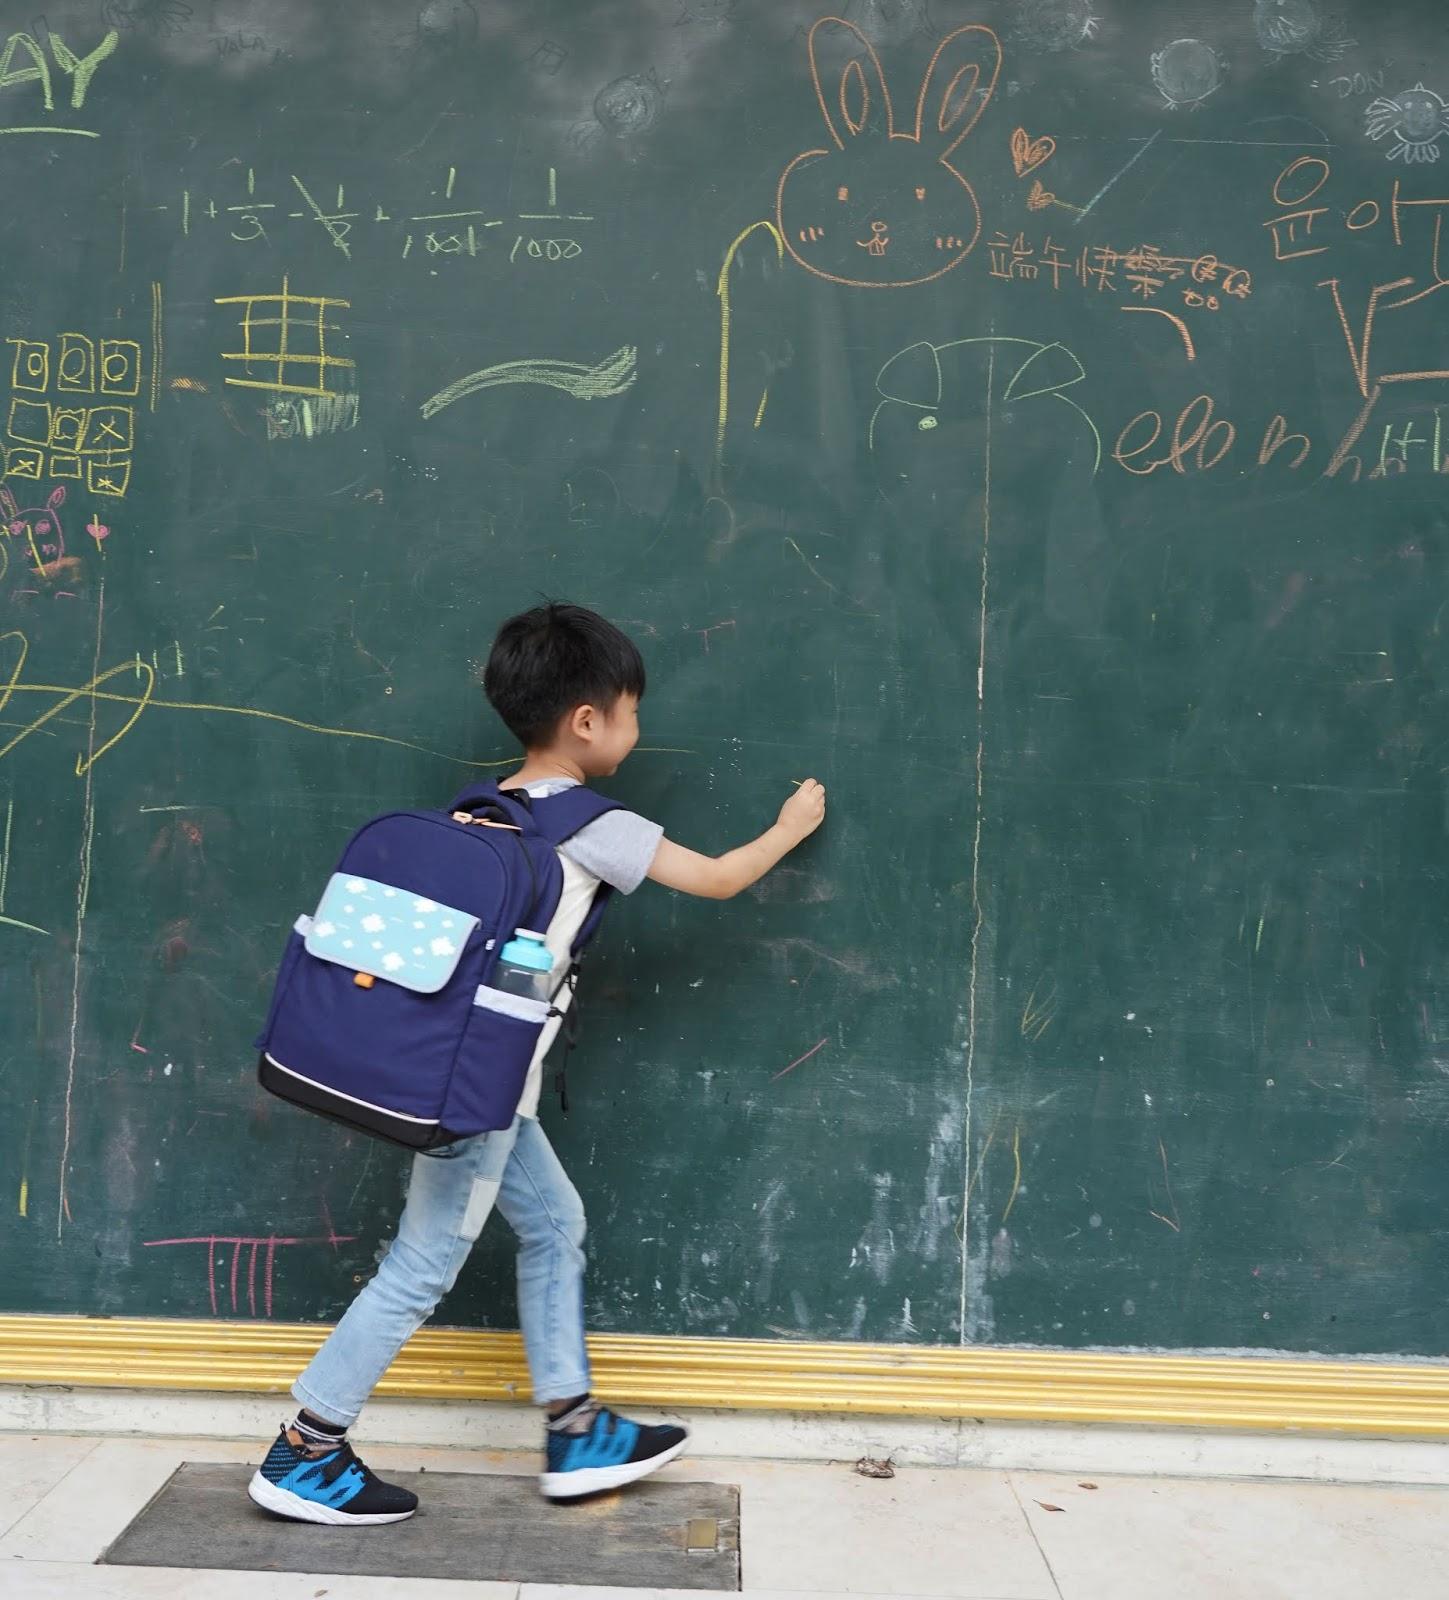 36.NIIZO_dj%25E7%2590%25A6%25E7%2590%25A6_wwwhostkikicom_%25E8%25BC%2595%25E9%25AC%2586%25E8%2583%258C.JPG-家有小學生,給孩子成長的禮物與祝福-護脊輕量書包